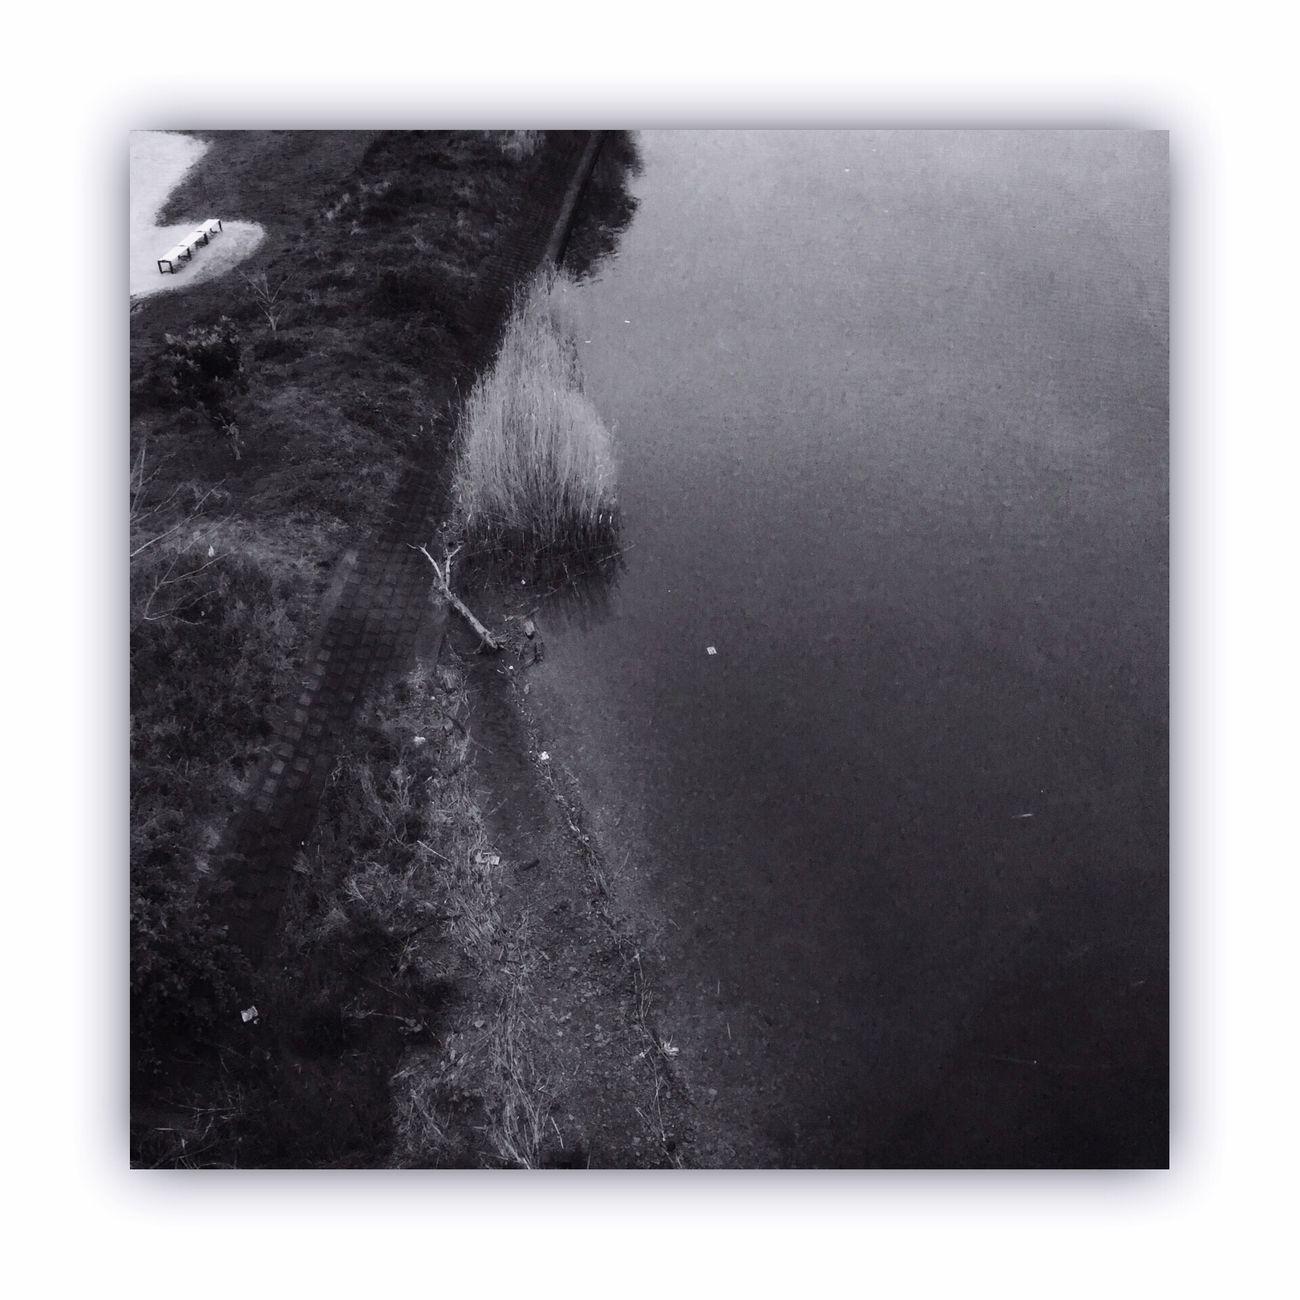 川を橋の上から撮る。 I Took The Rivers From On The Bridge Bridge River Monochrome_life Blackandwhite